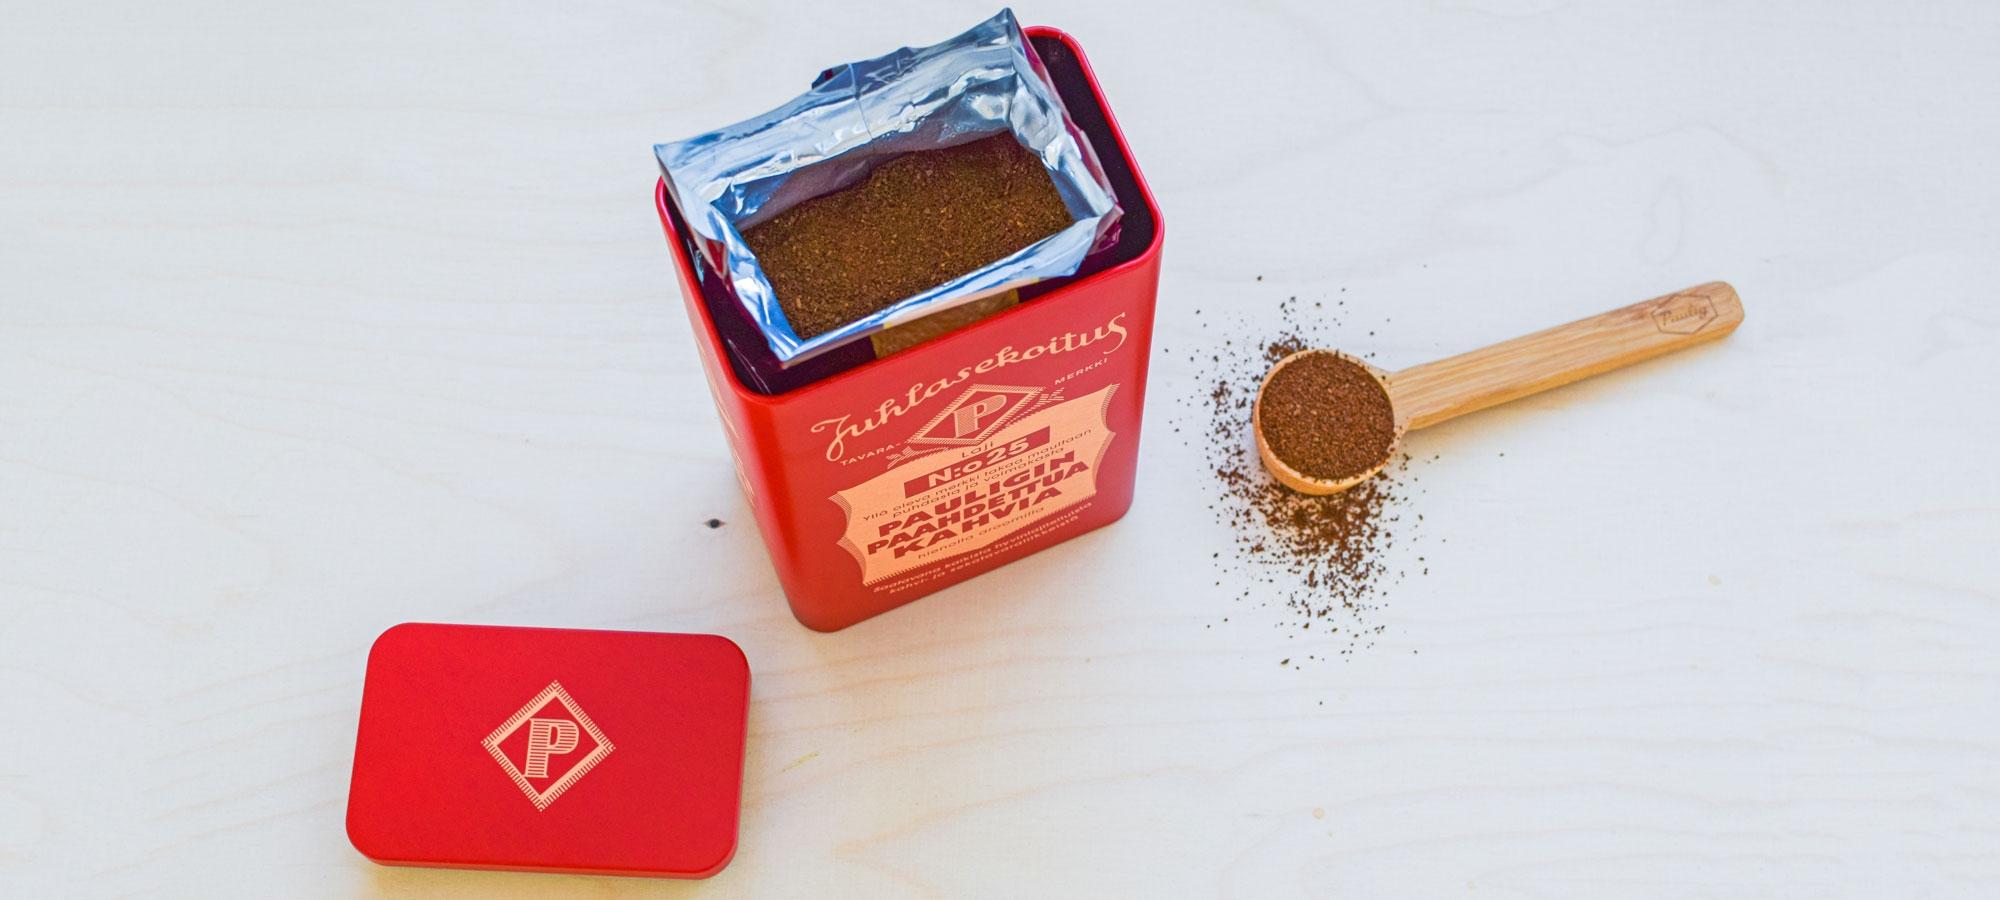 Säilytä kahvipakettia omassa pakkauksessaan ja ilmatiiviissä rasiassa